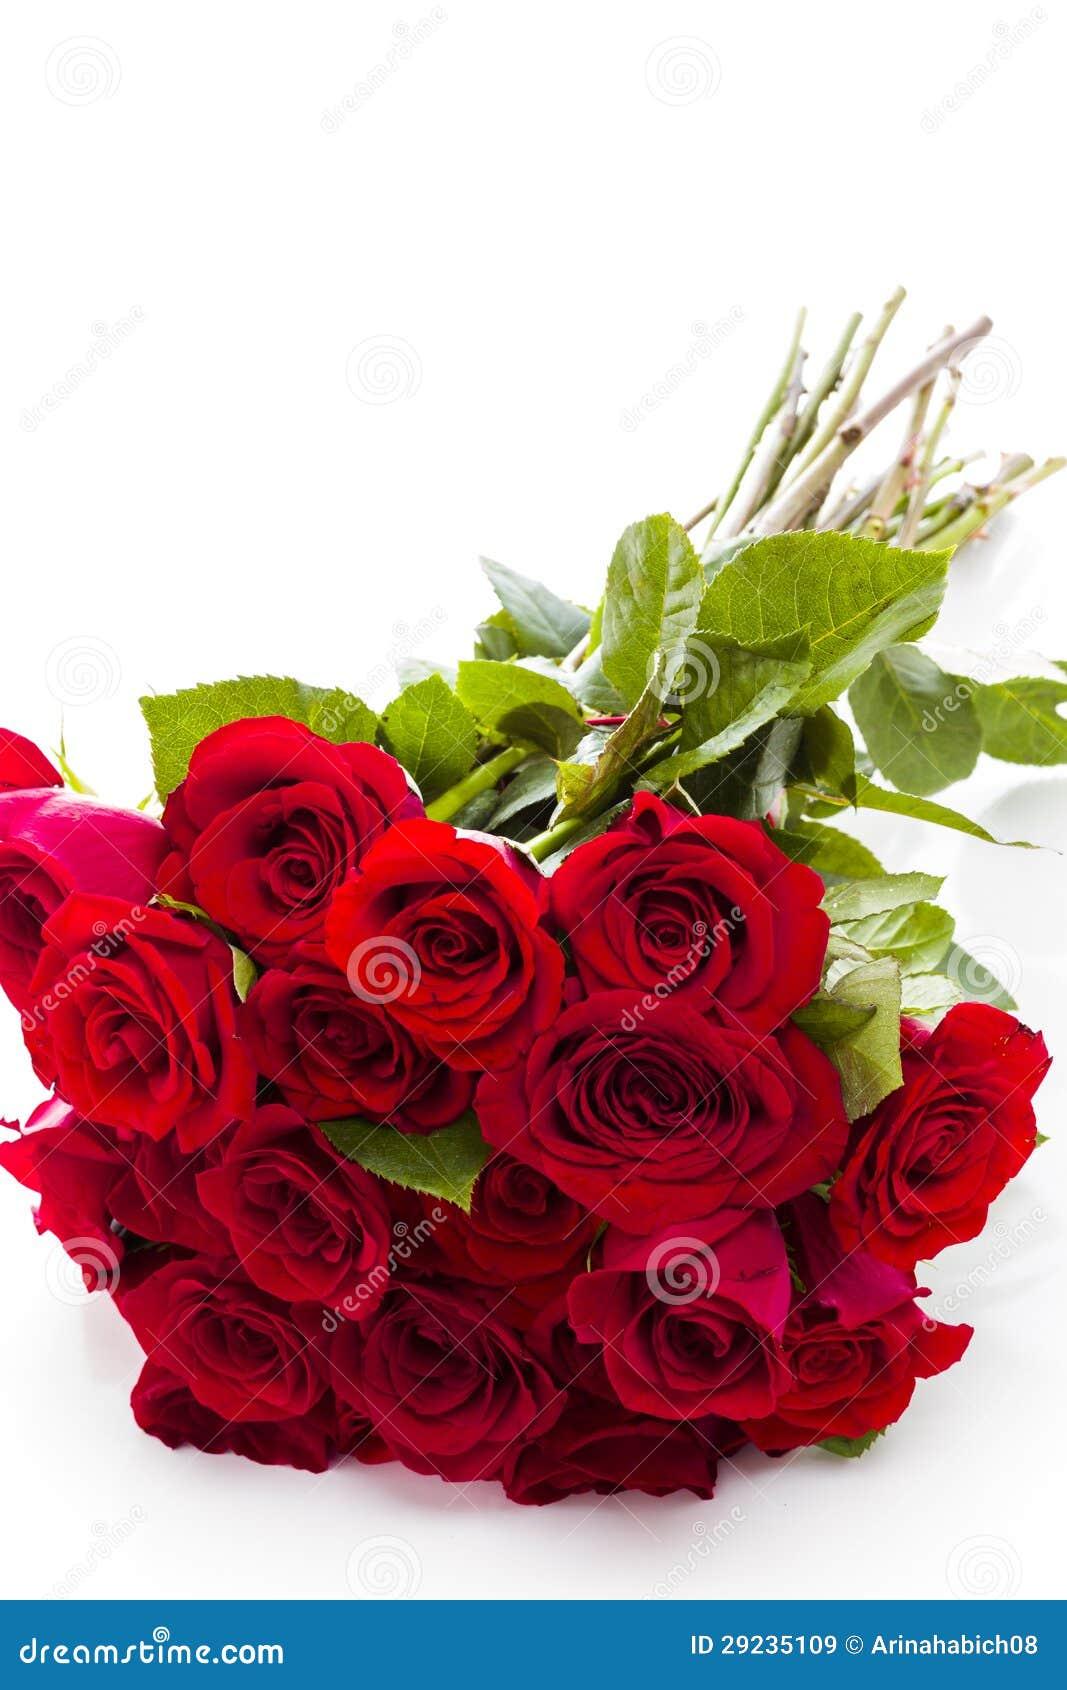 Download Rosas vermelhas imagem de stock. Imagem de se, flor, rosas - 29235109